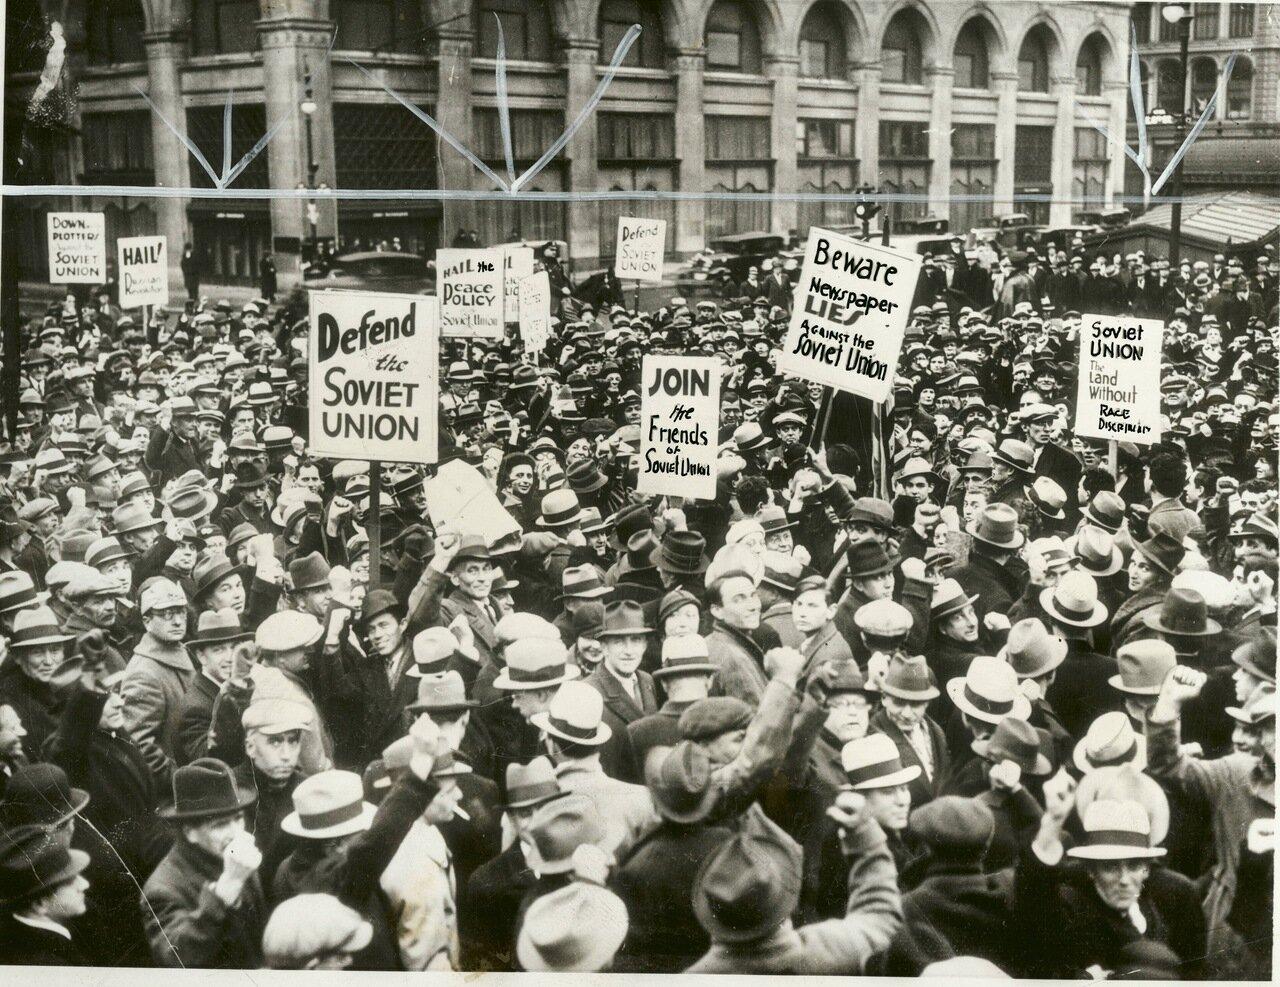 1934. Толпы сторонников Советского Союза за пределами Купер Юнион, Нью-Йорк,